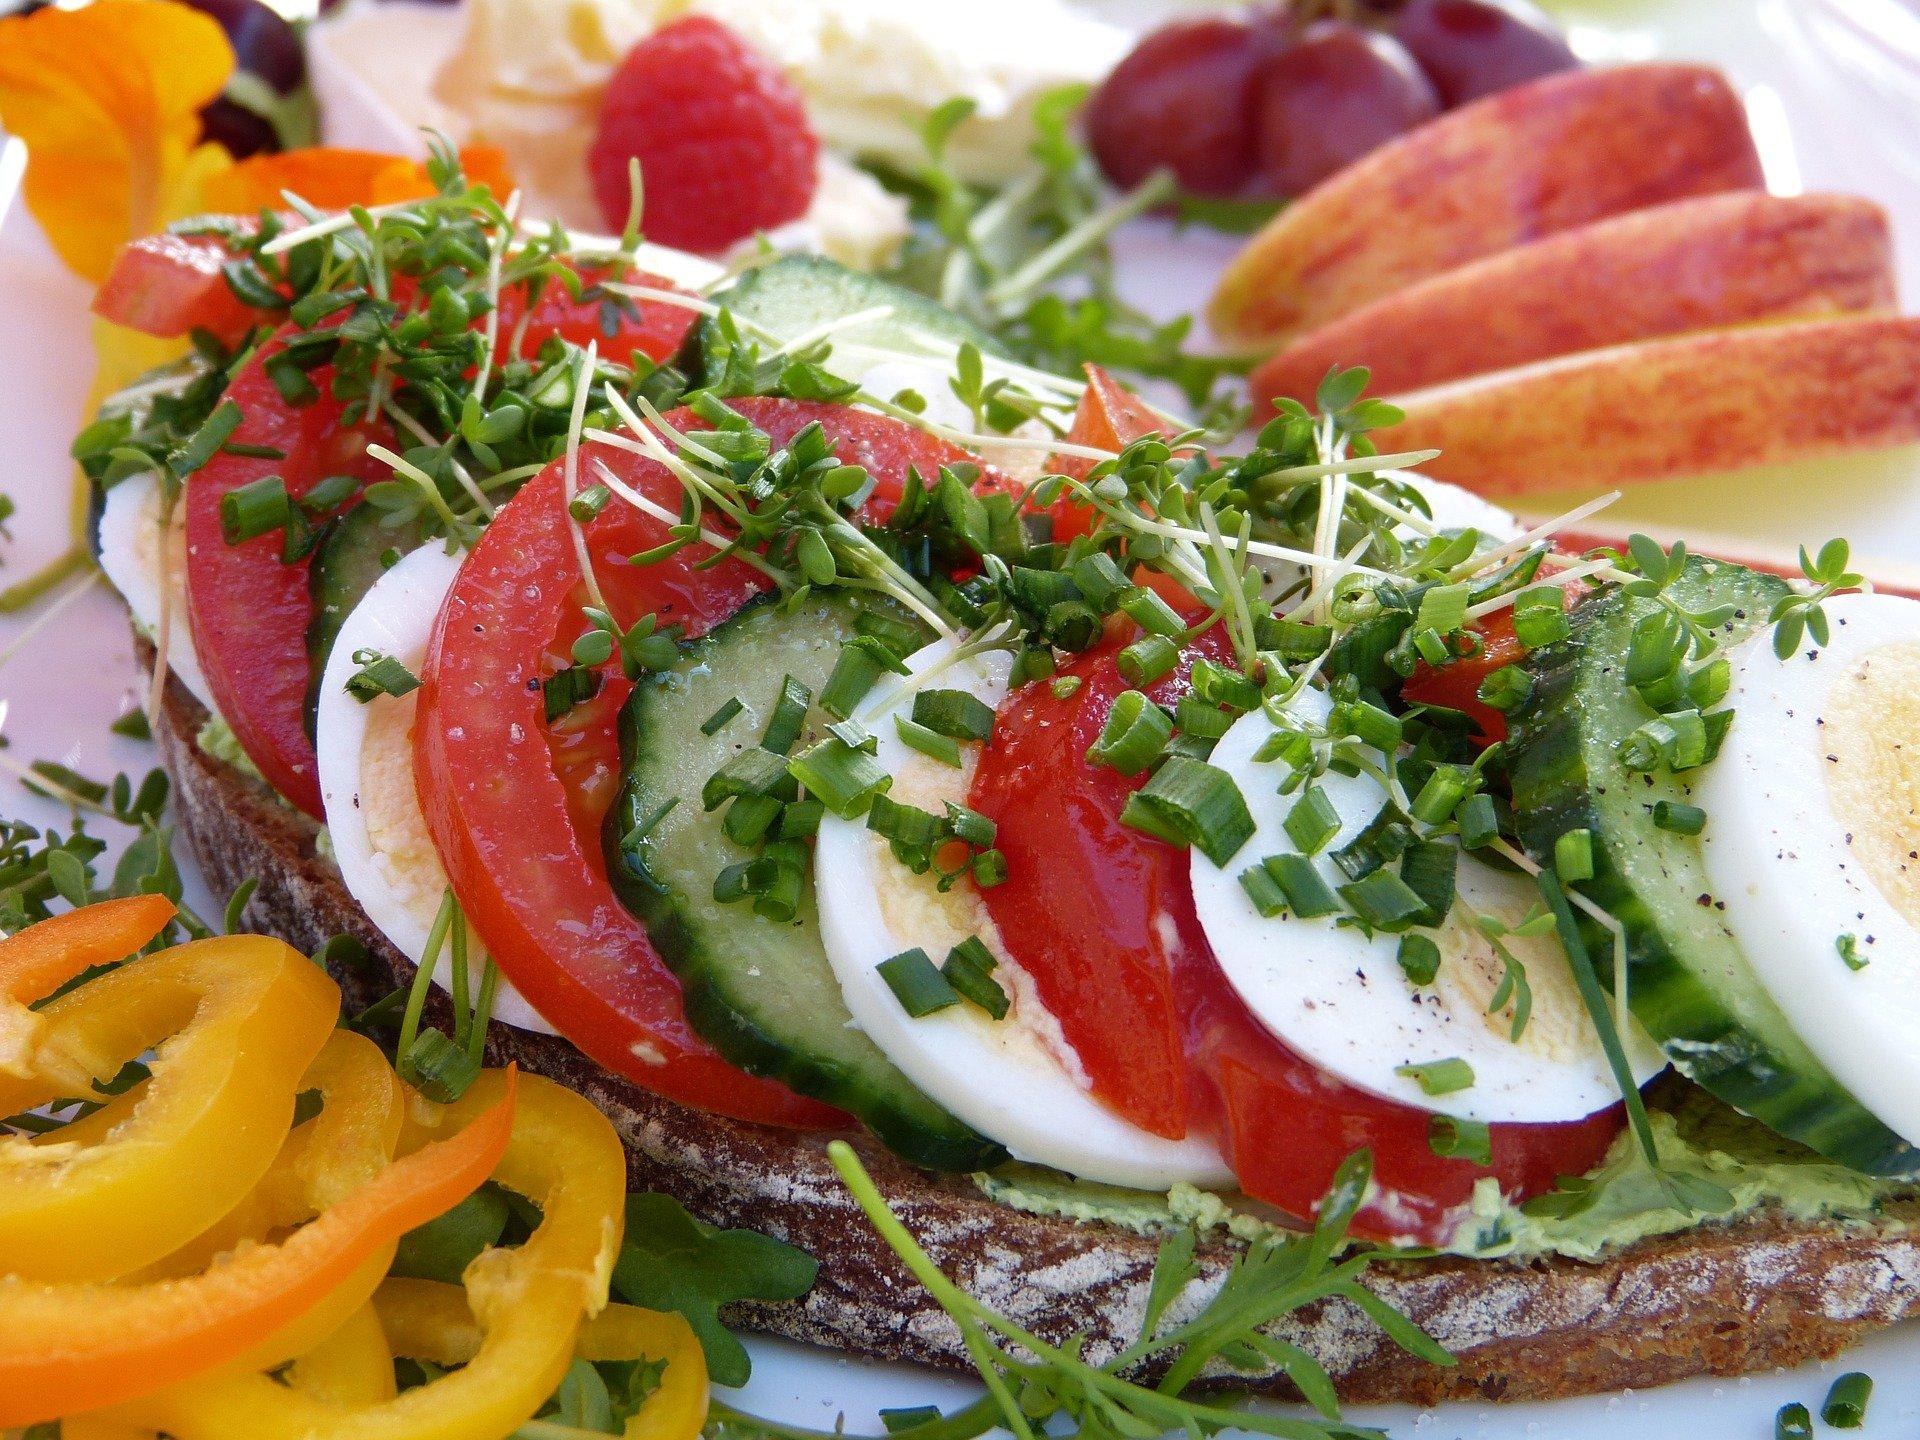 vegetarian food in Costa Rica, vegan food in Costa Rica, vegetarian dishes in Costa Rica, vegan dishes in Costa Rica, vegetarian sandwich